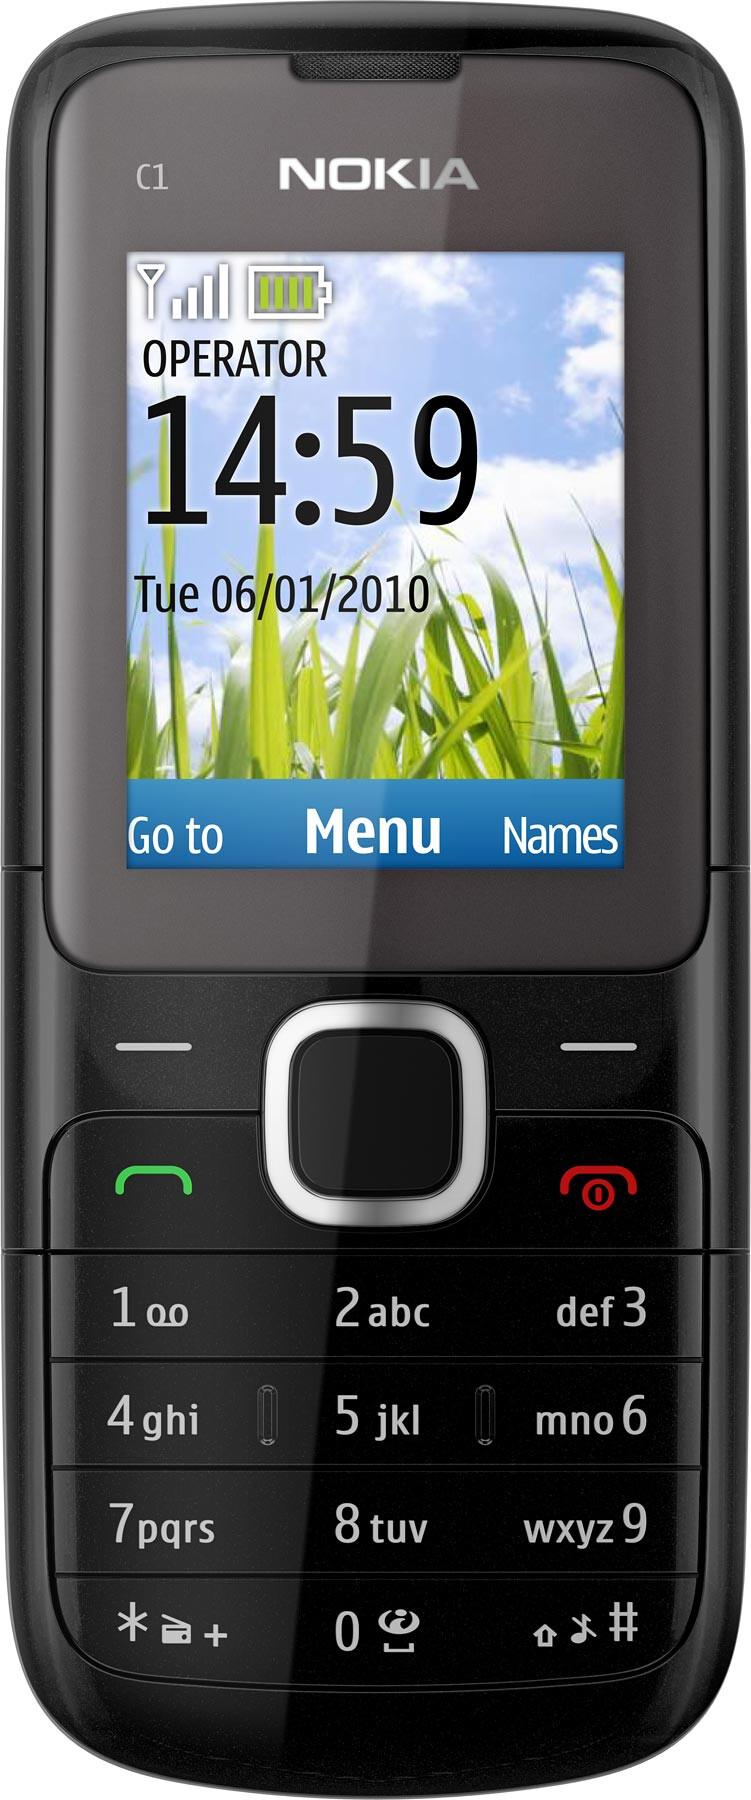 nokia c1 01 deals honda pilot lease deals nj rh healt supertips cf Nokia C3-01 Nokia Mobile X2-01